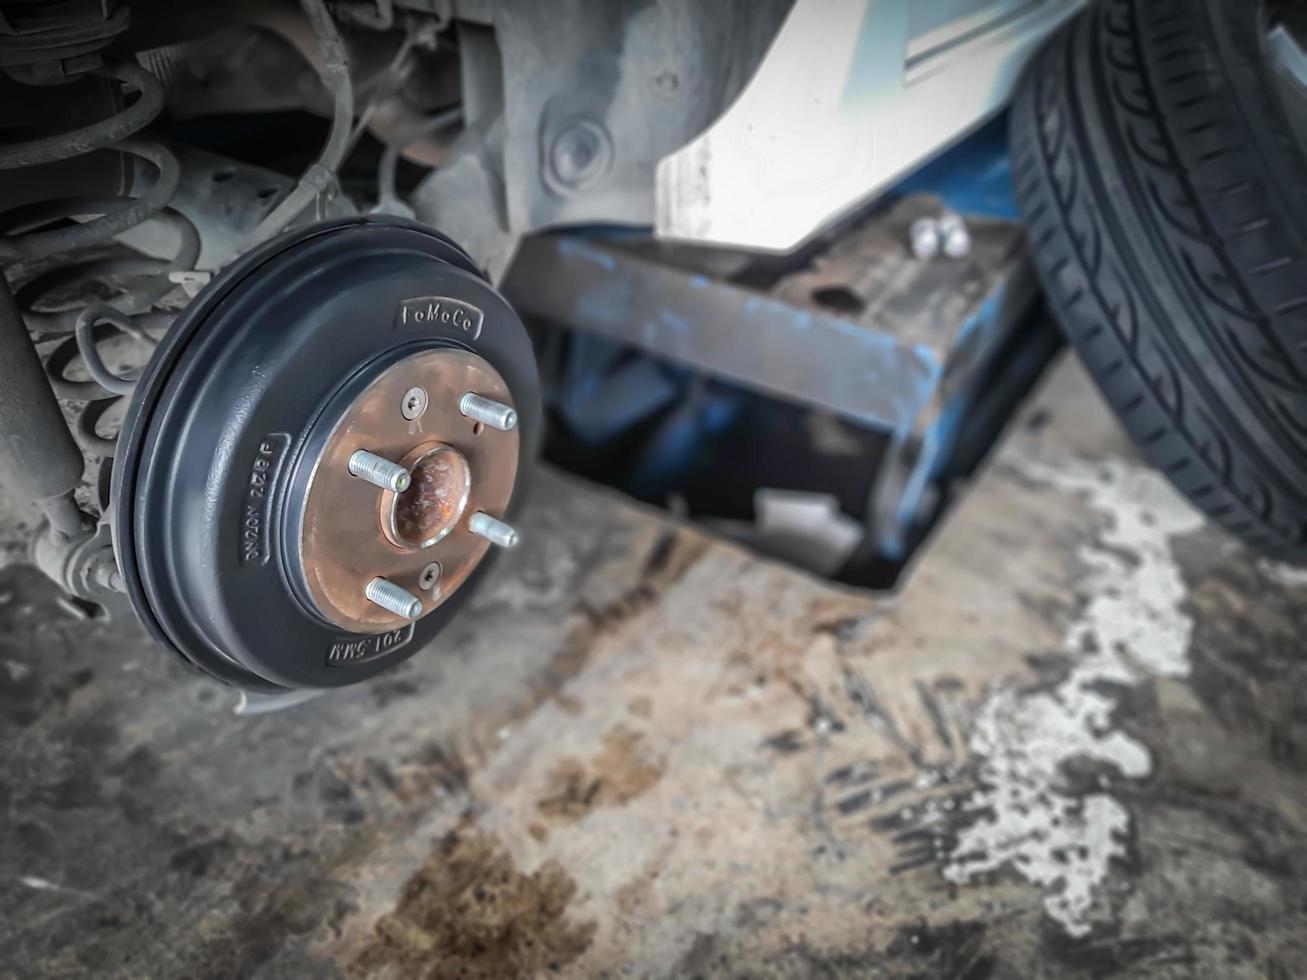 el coche quita la rueda muestra el conjunto del freno de tambor. cambio de llanta. foto